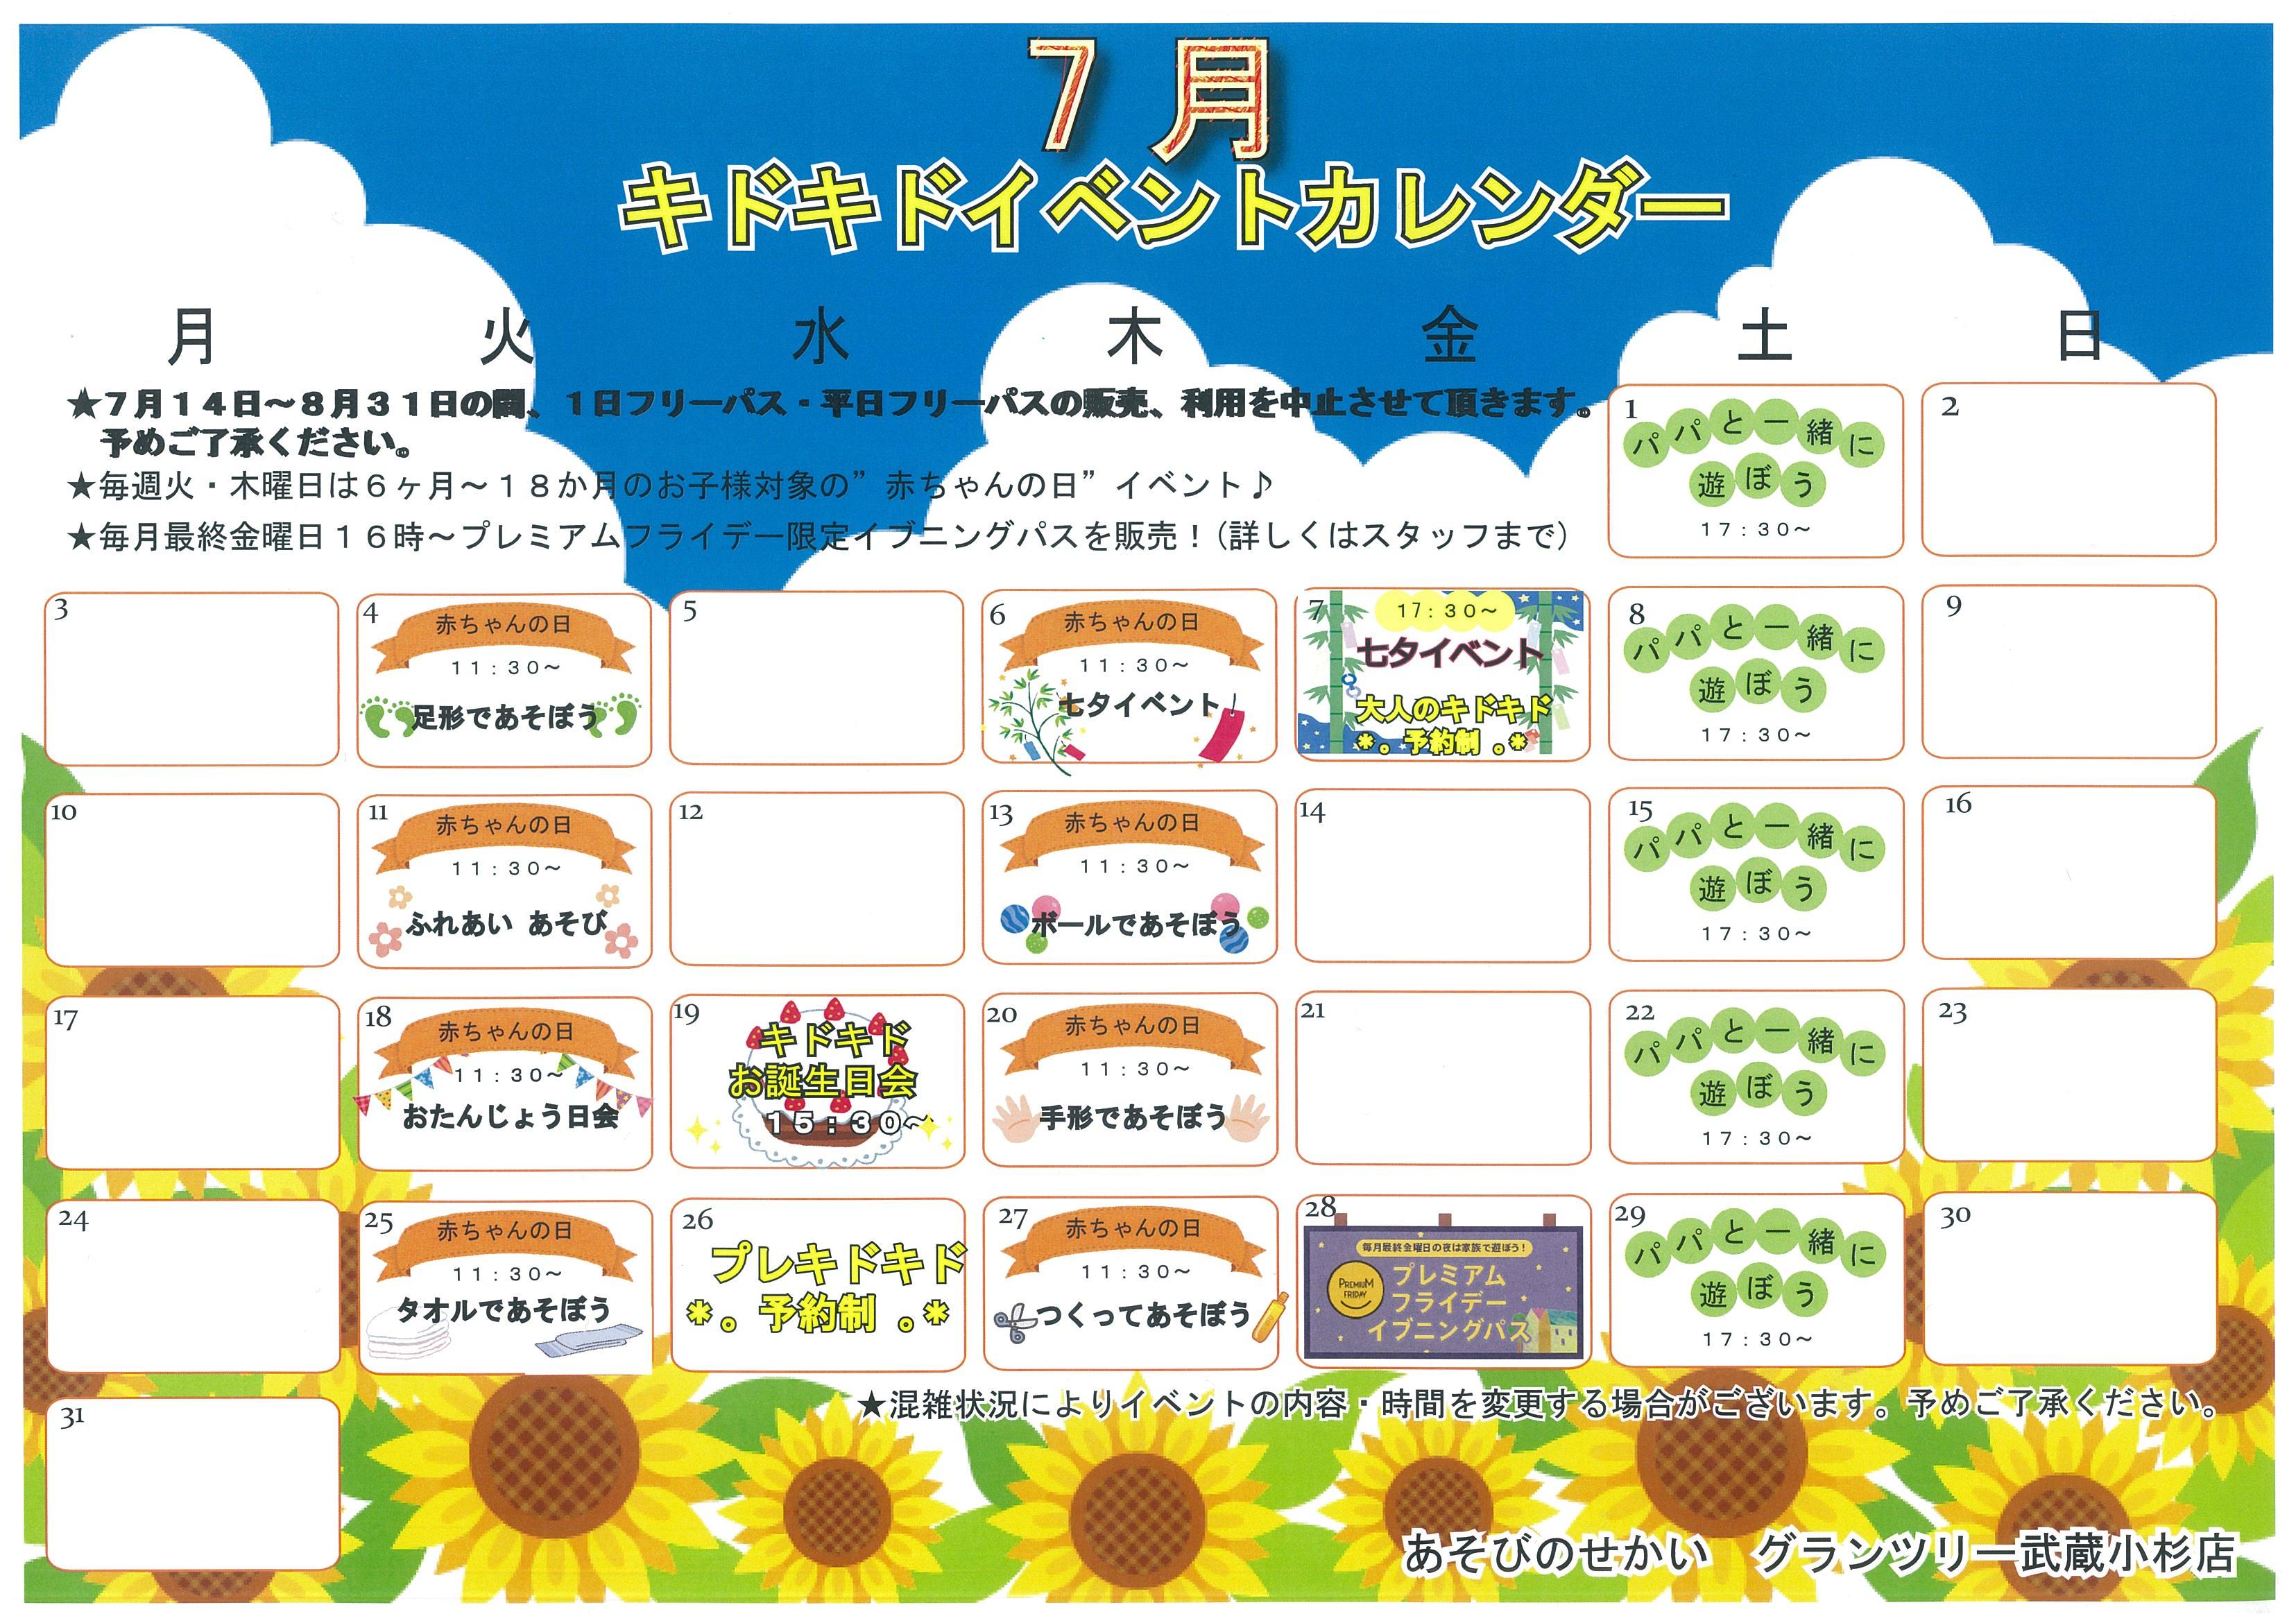 7月のイベントカレンダーが出来ました♪